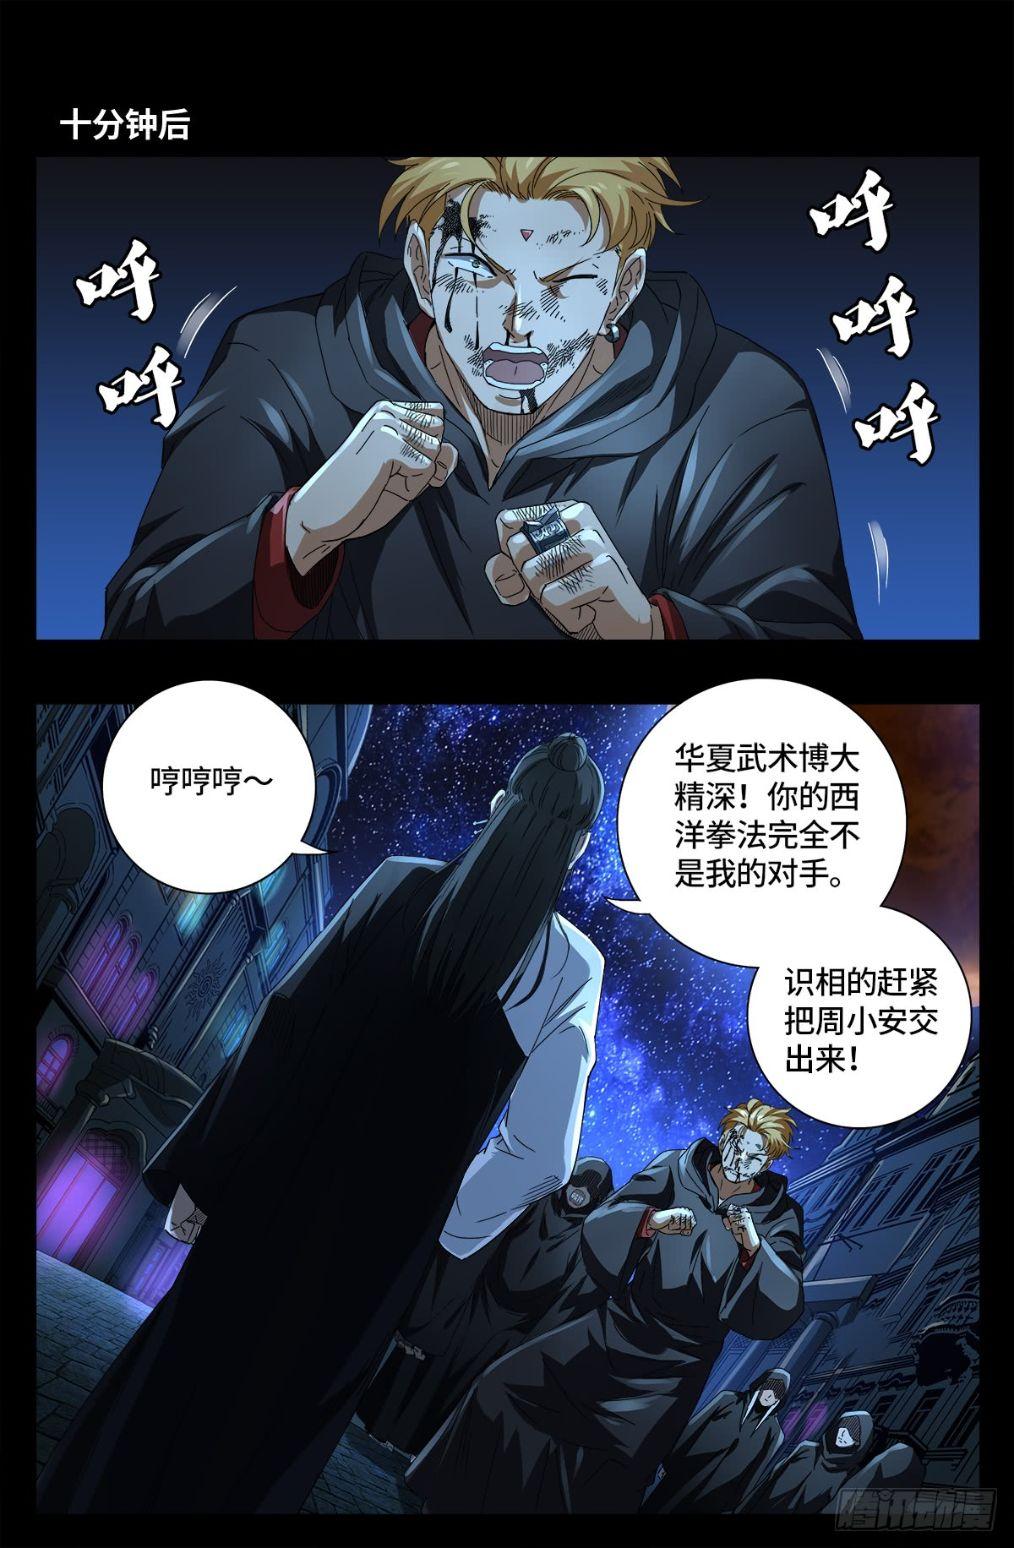 僵尸王漫画:戒魔人 第642话 点穴神功好!